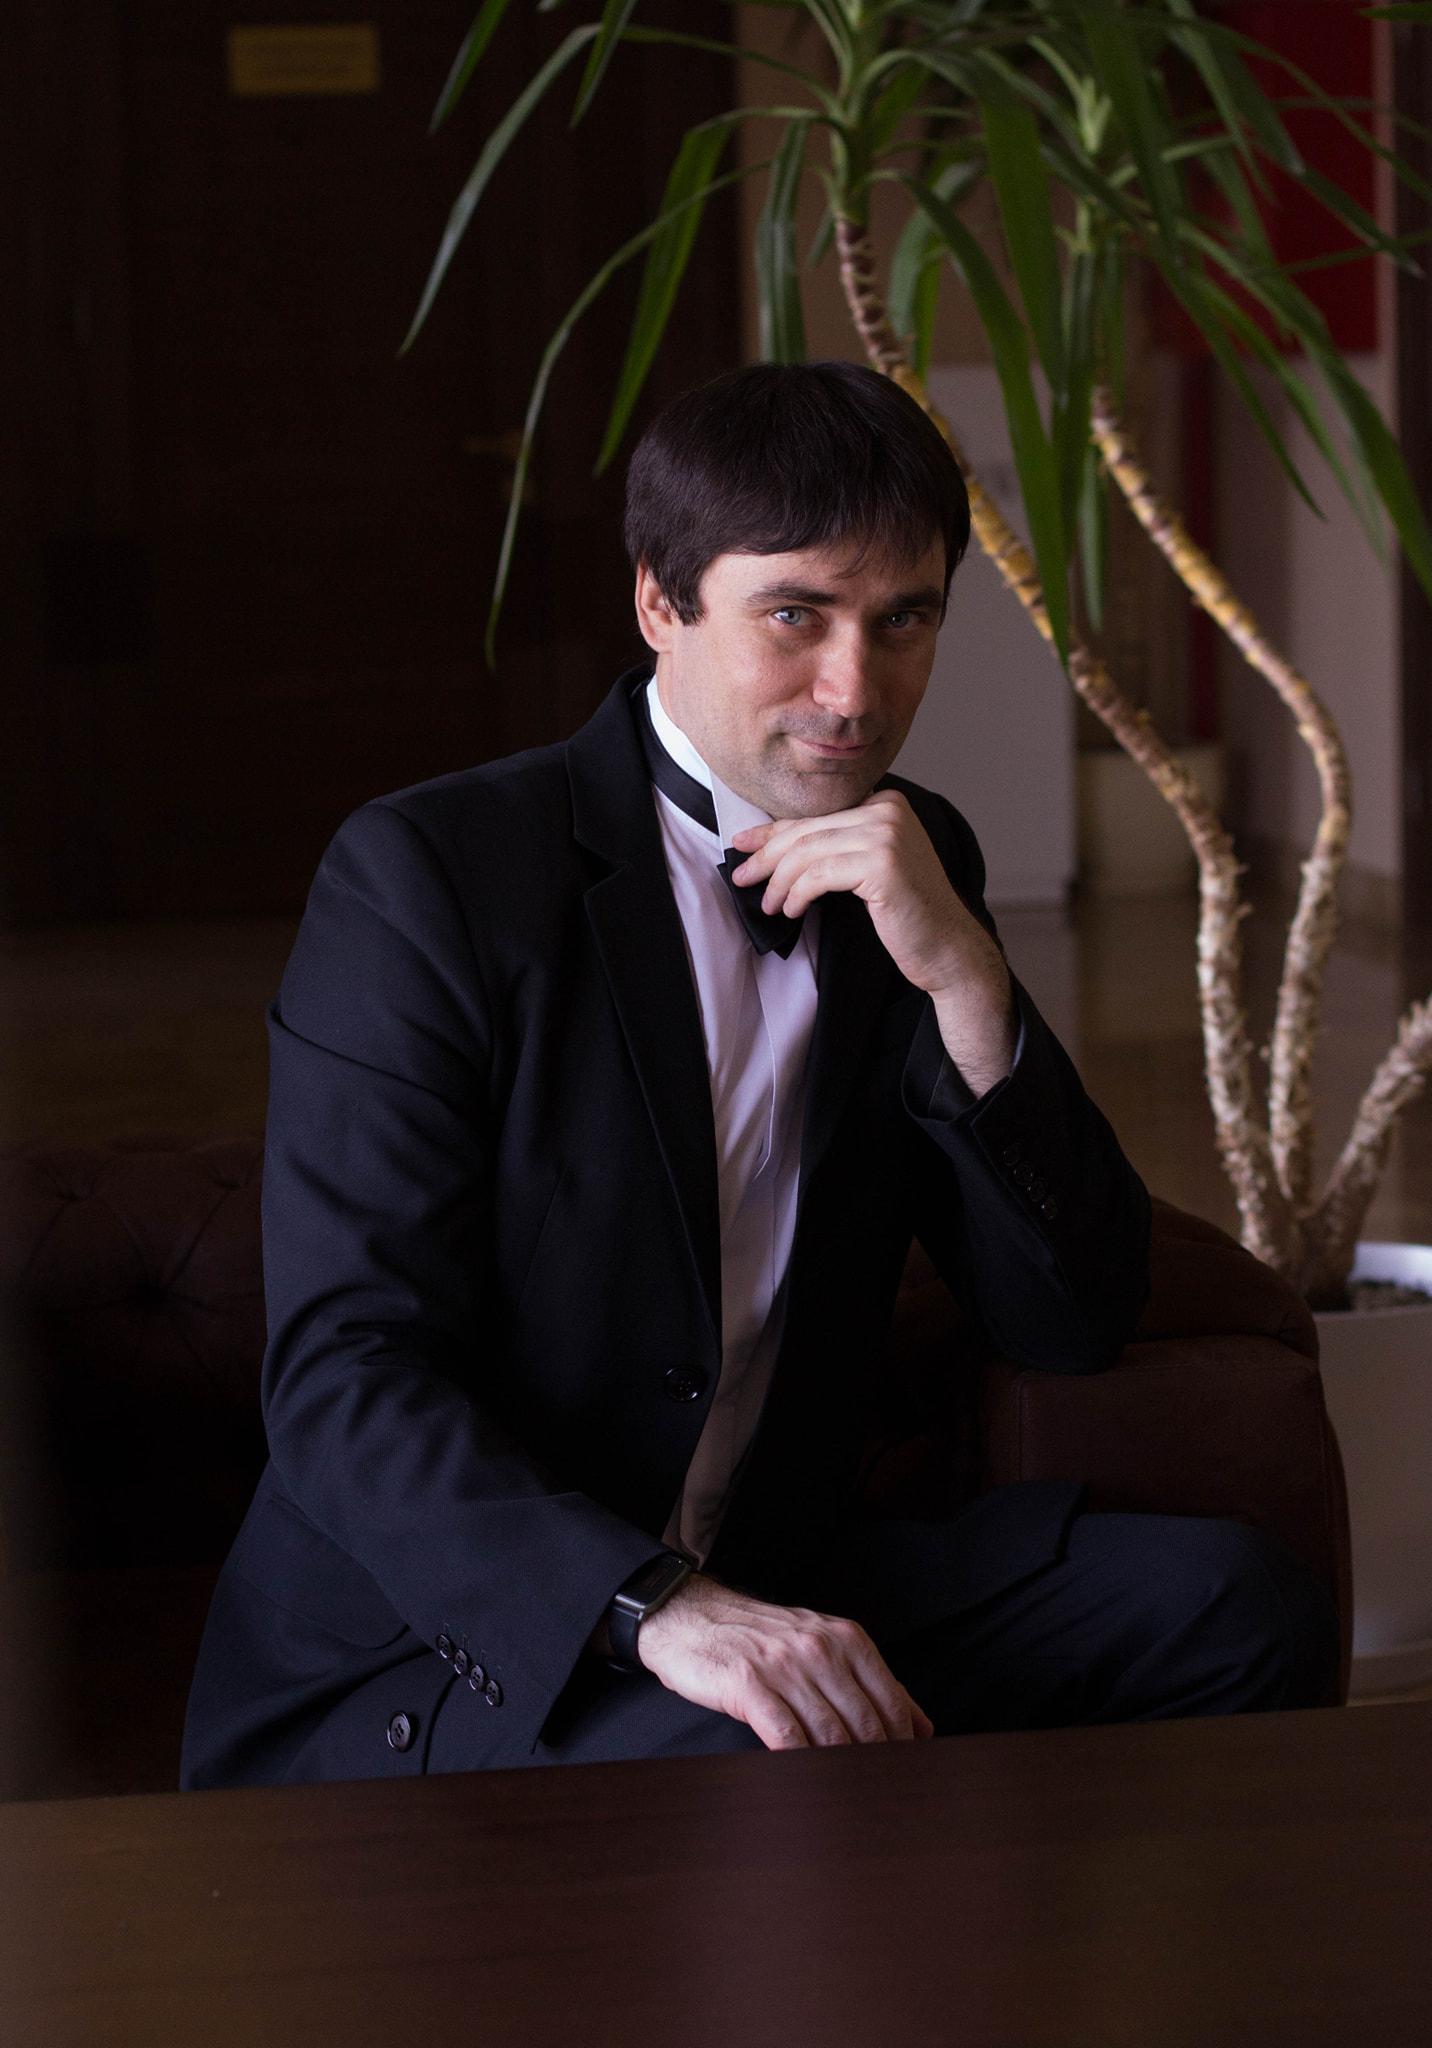 Вітаємо Максима Лозового з Днем Народження!